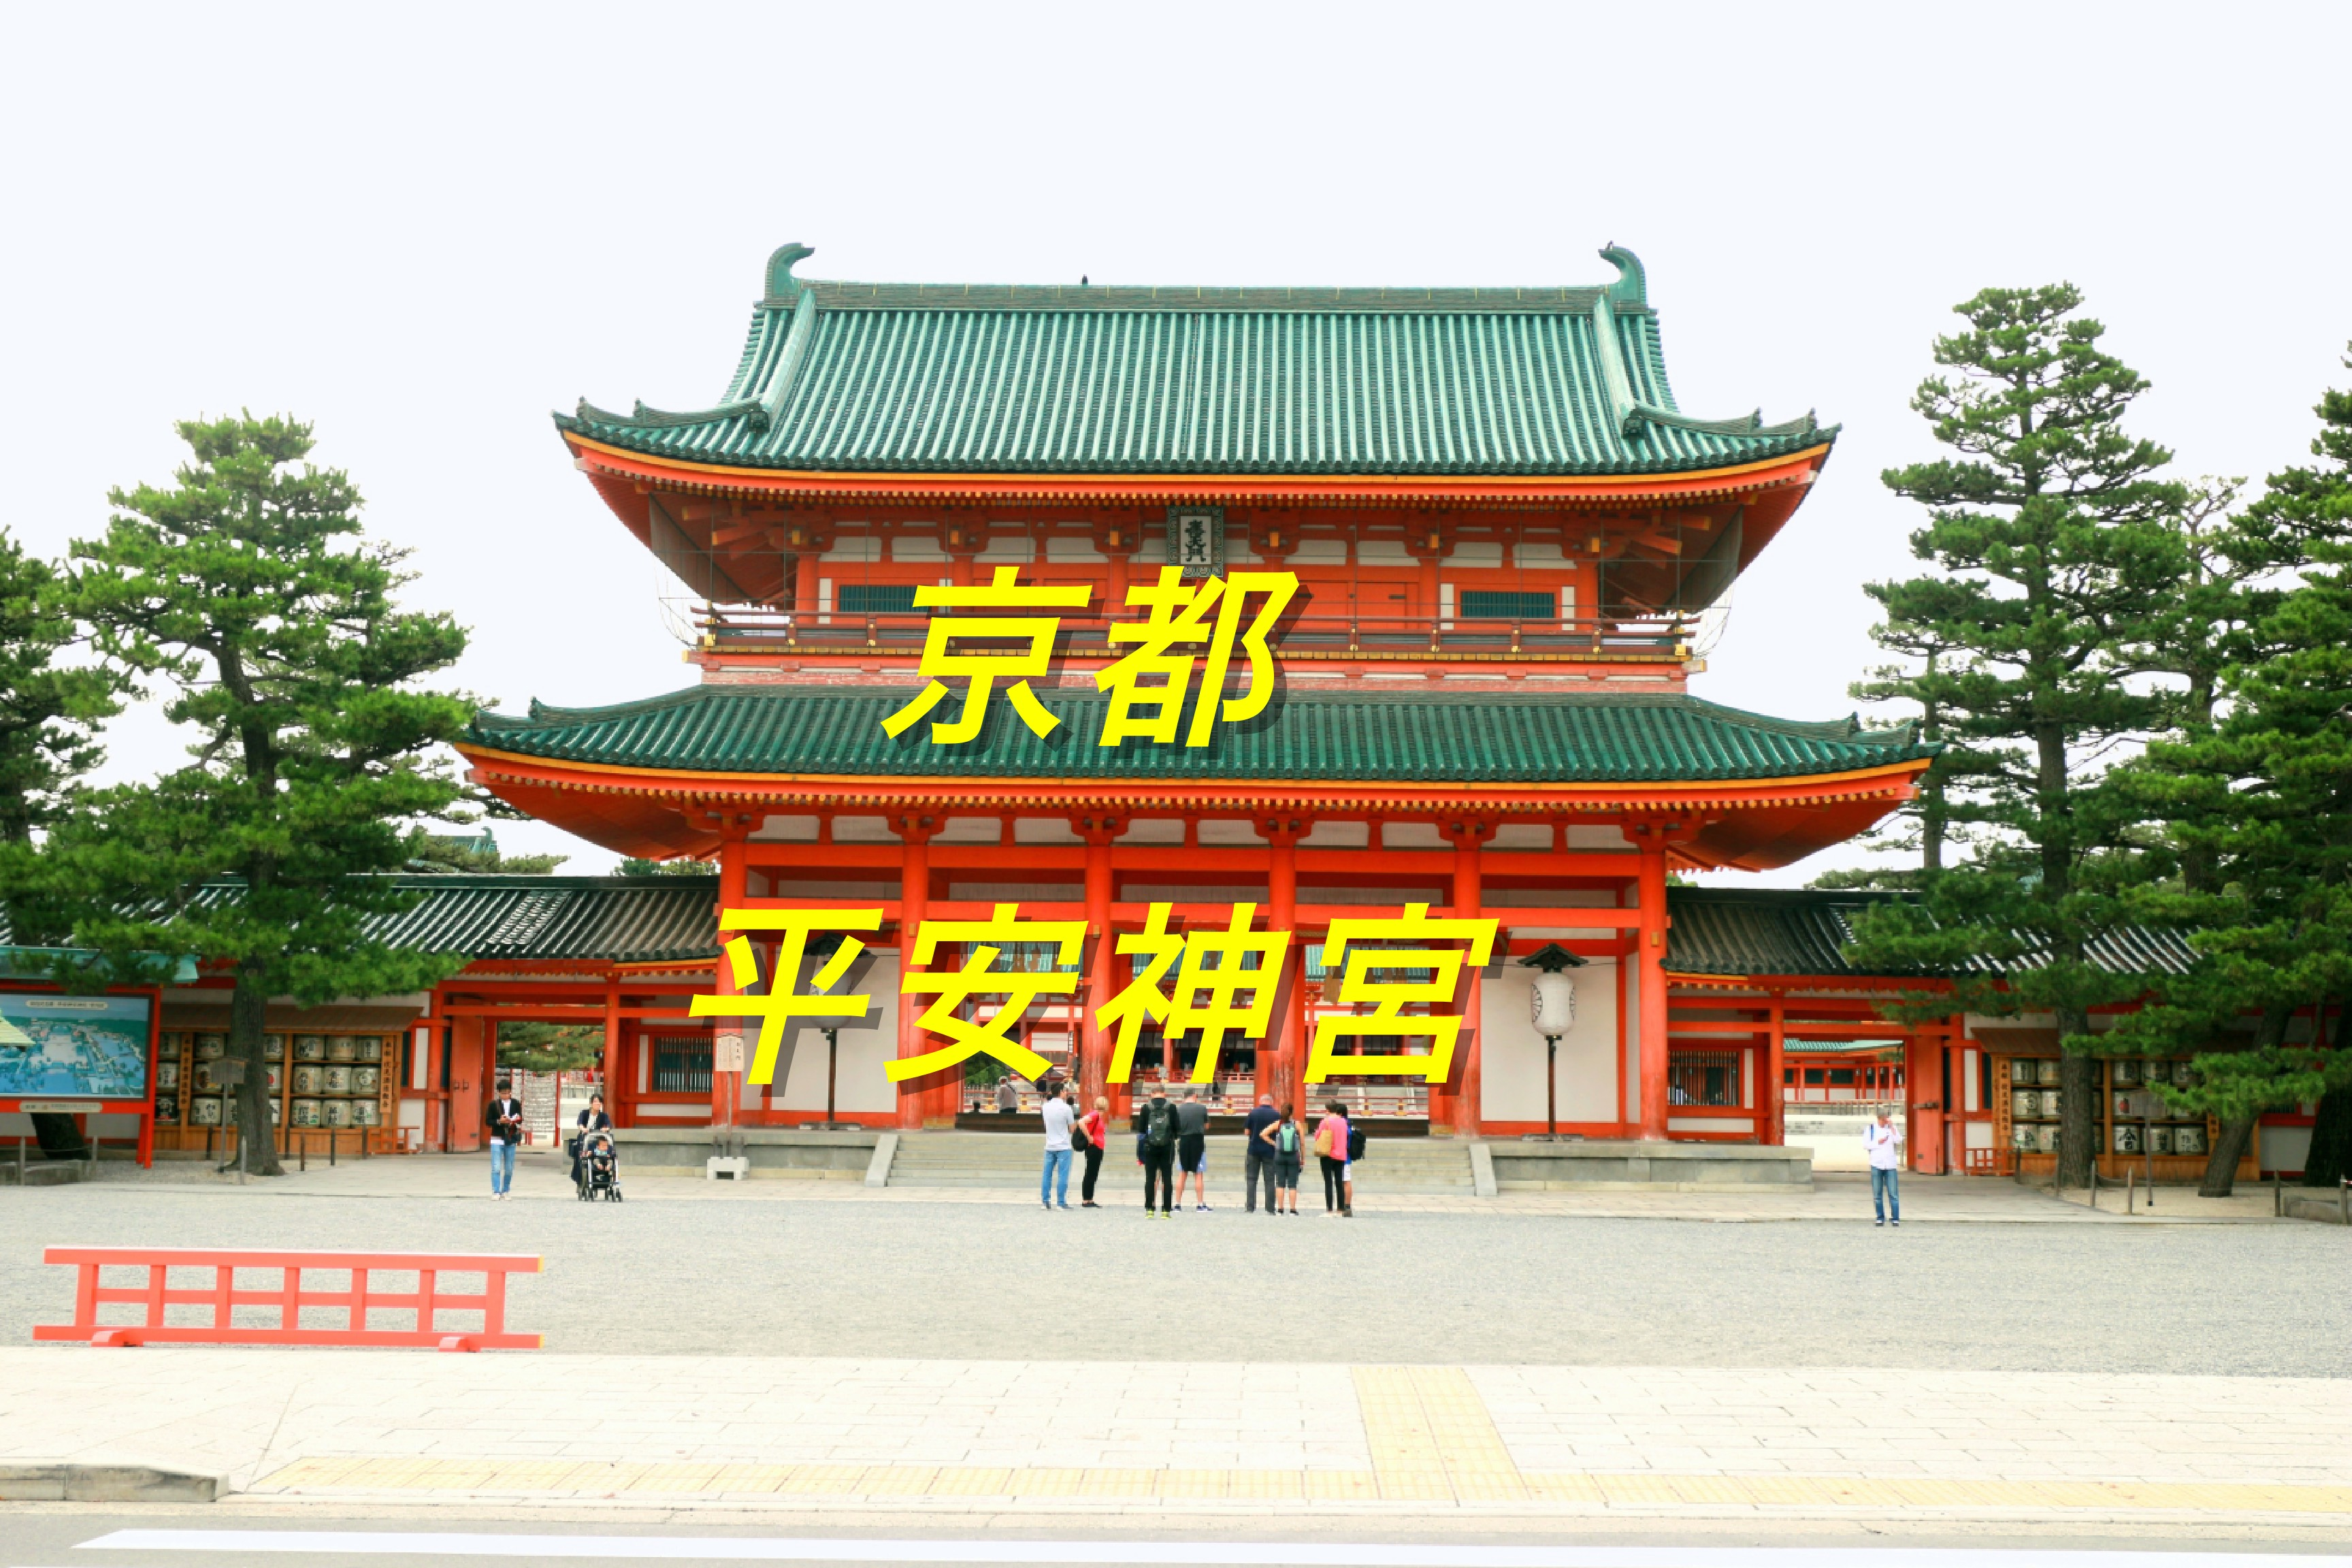 京都の神社5つのご利益が誰でももらえる、平安神宮の参拝と御朱印・御朱印帳をご紹介